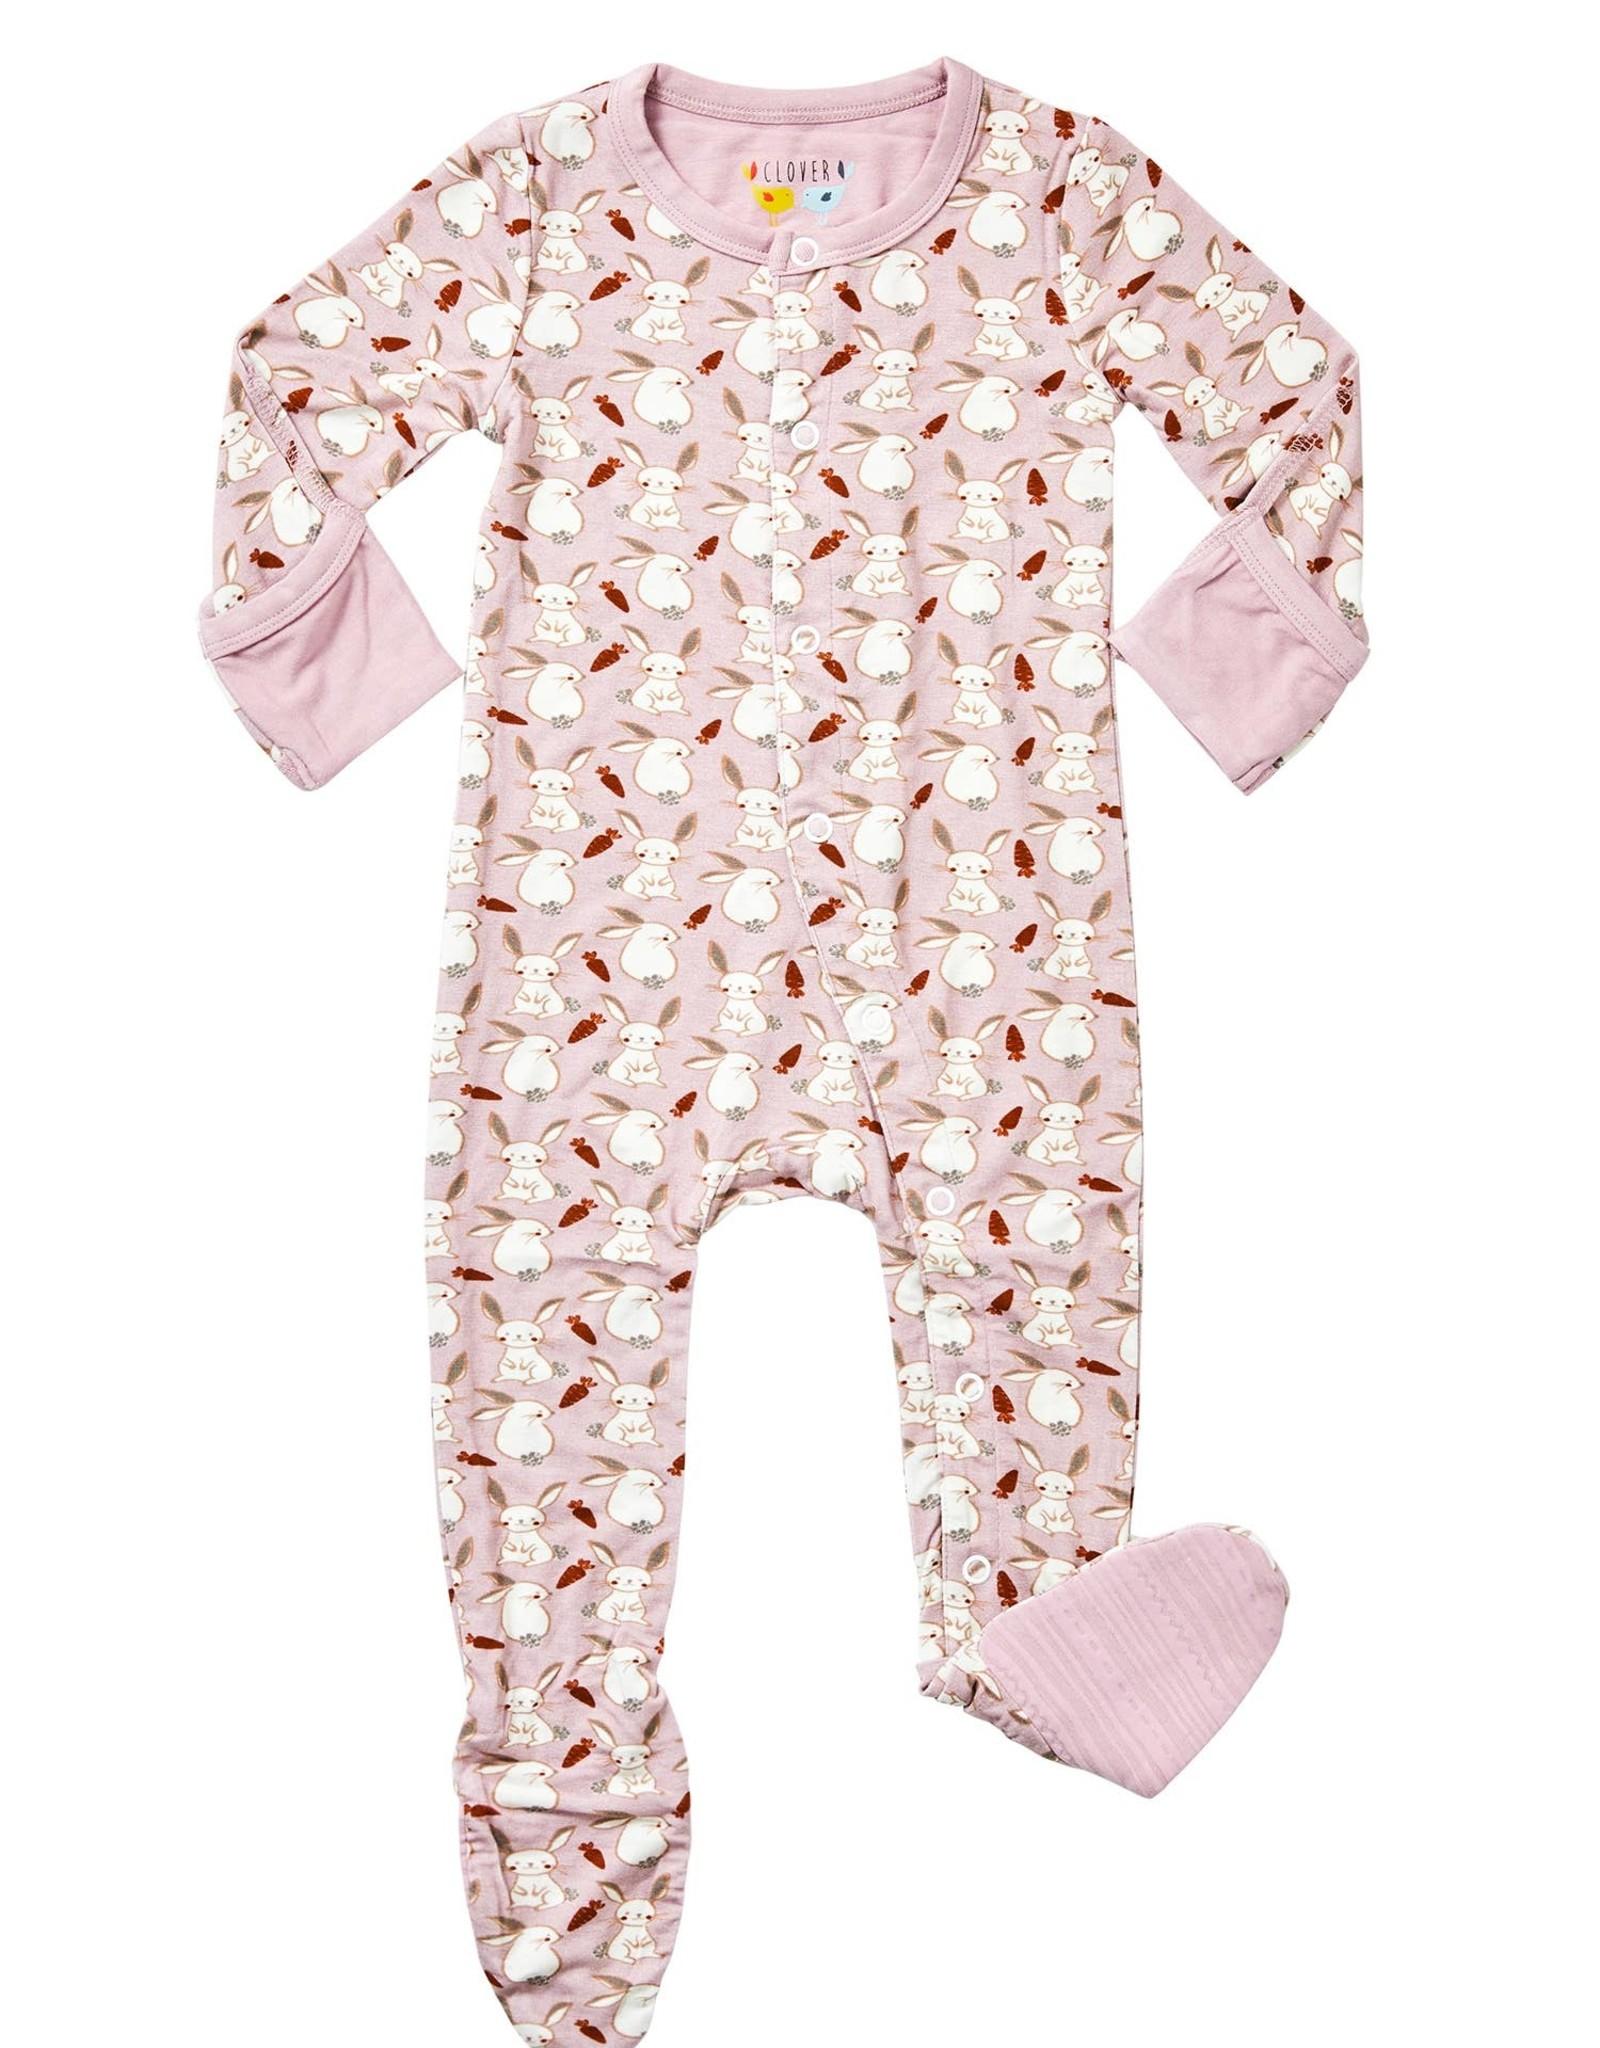 clover baby and kids Bunnies Footie PJs